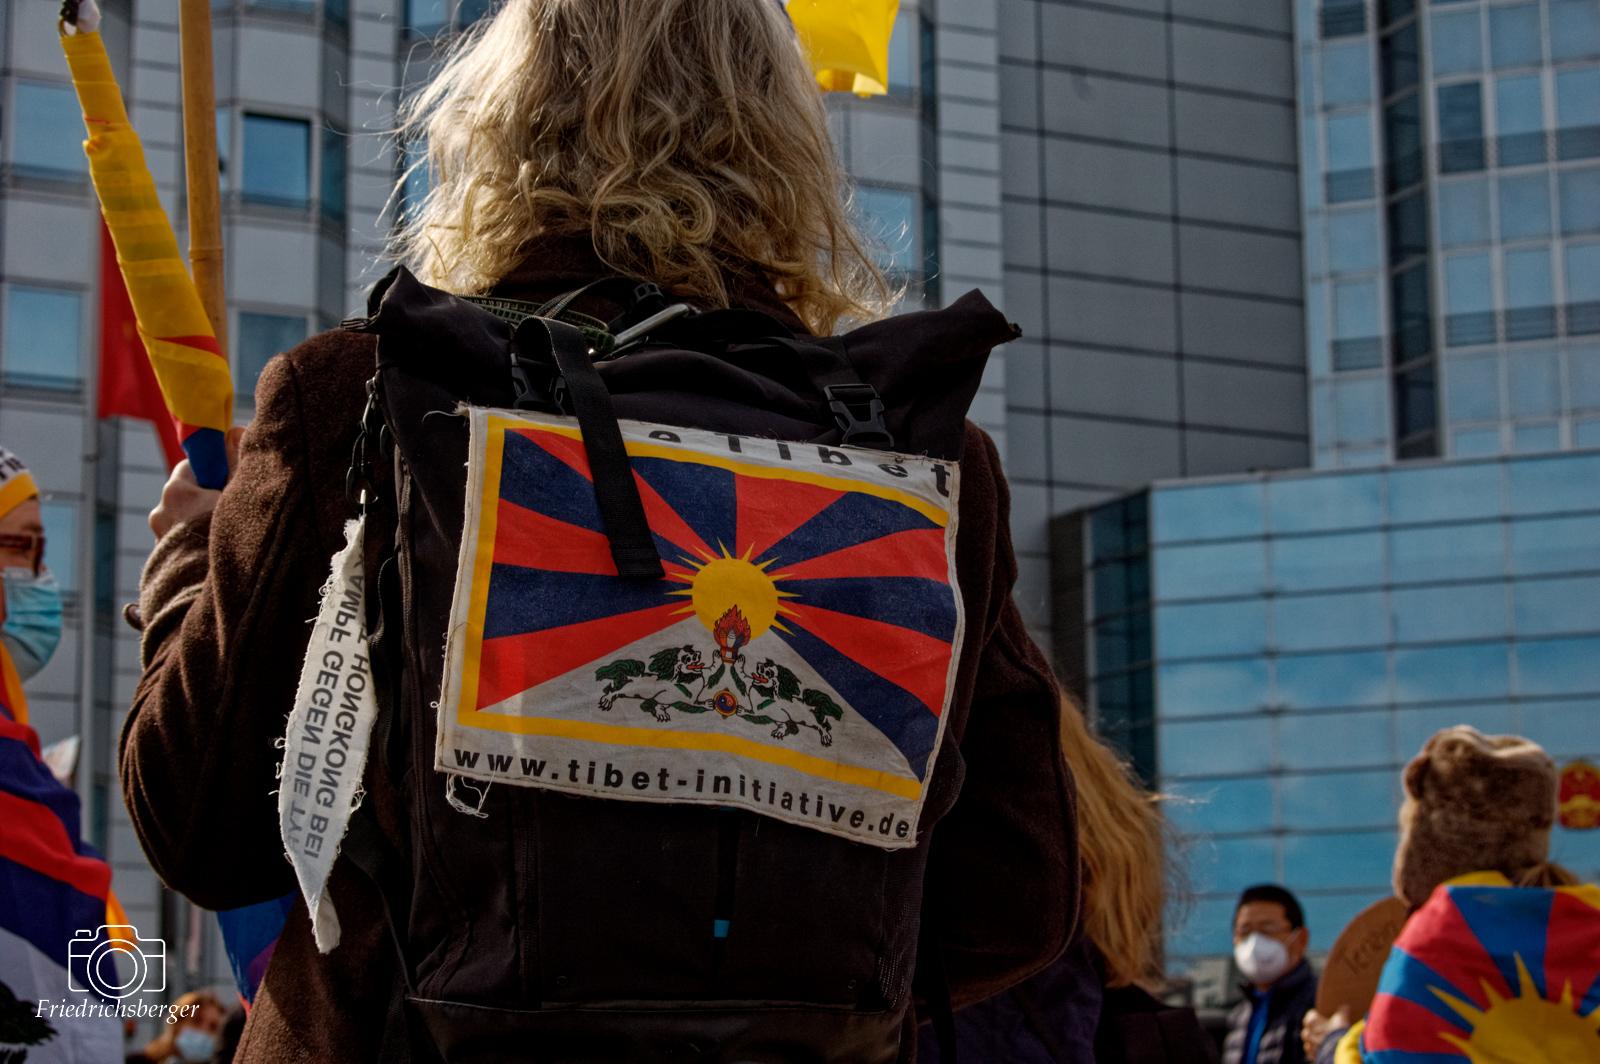 2021-03-10 - Berlin - Gedenk an die Niederschlagung des tibetischen Volksaufstandes am 10. März 1959 durch chinesische Truppen